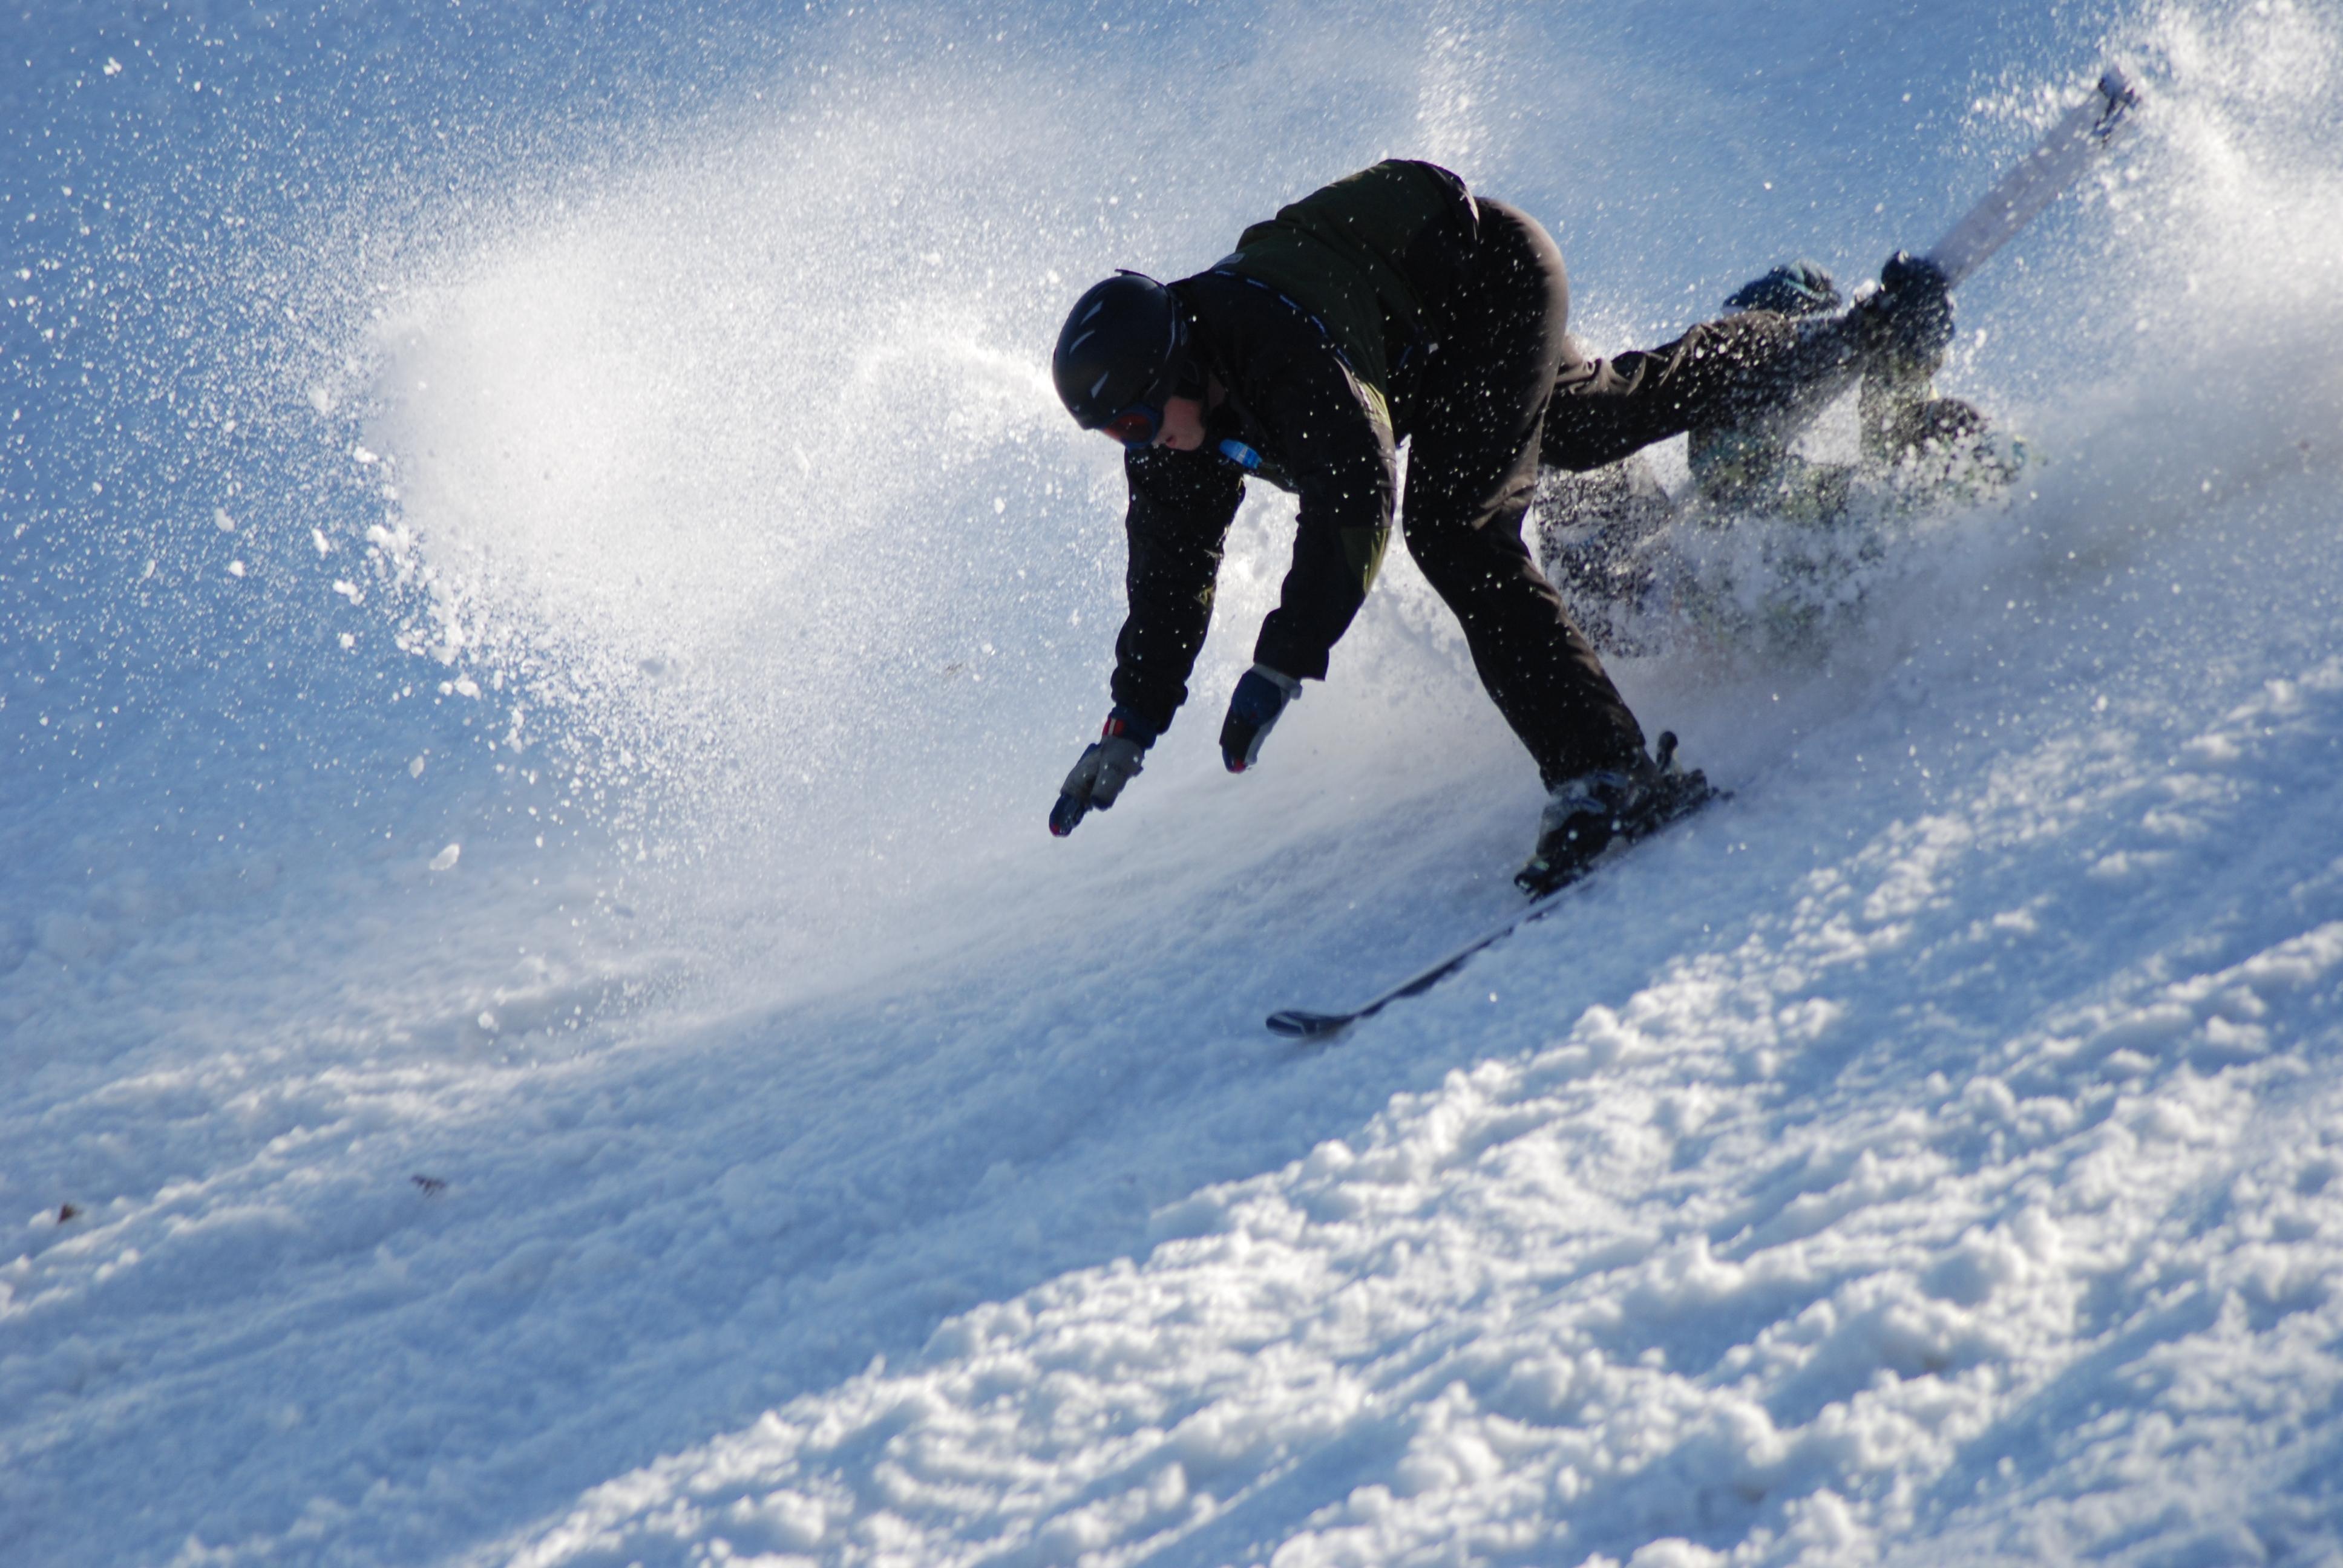 Skier and snowboarder crash